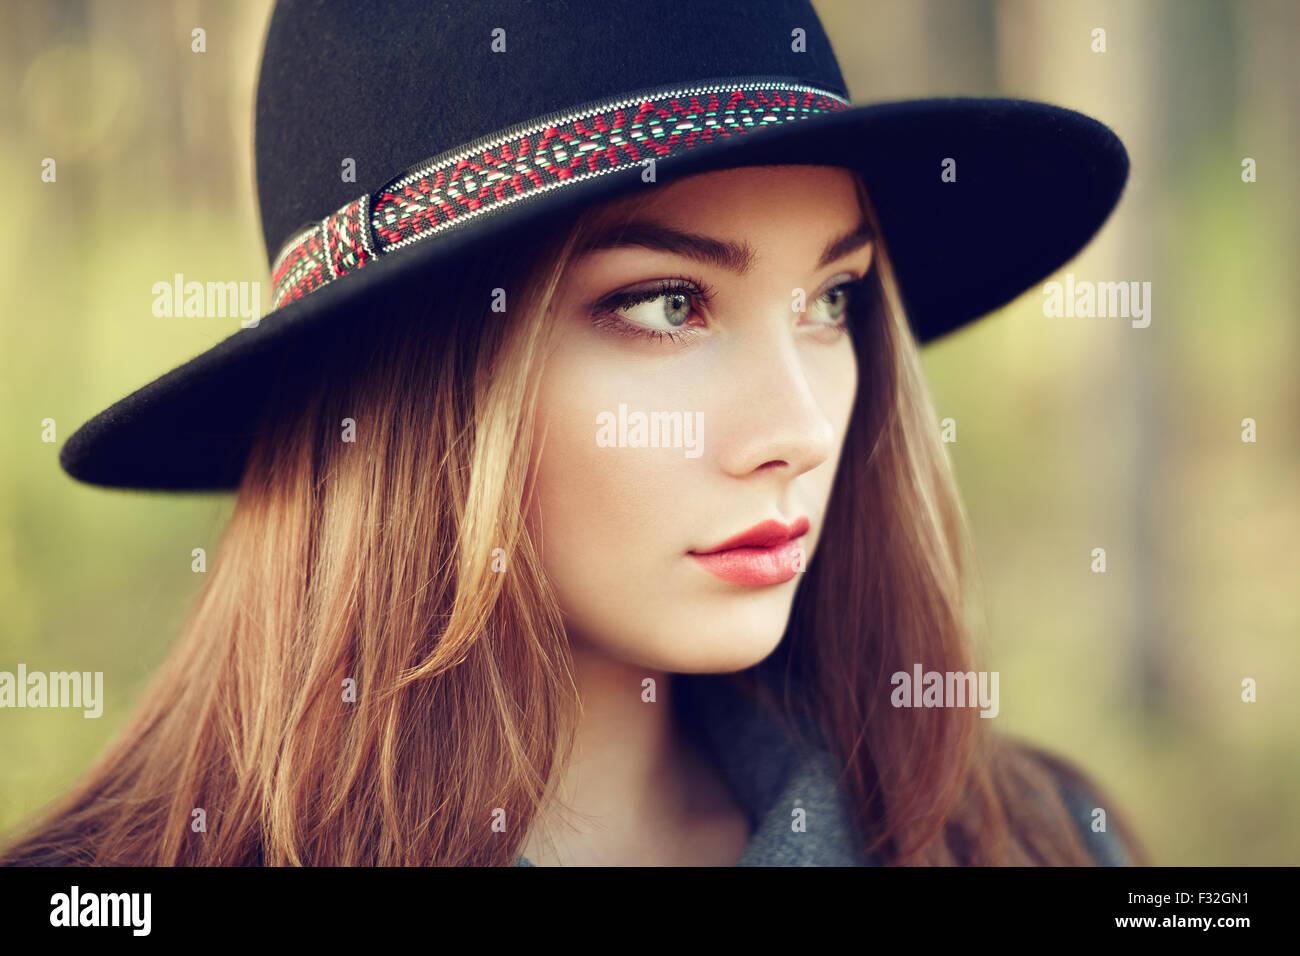 Portrait de jeune femme belle en automne manteau. Girl in hat. Photo de Mode Photo Stock